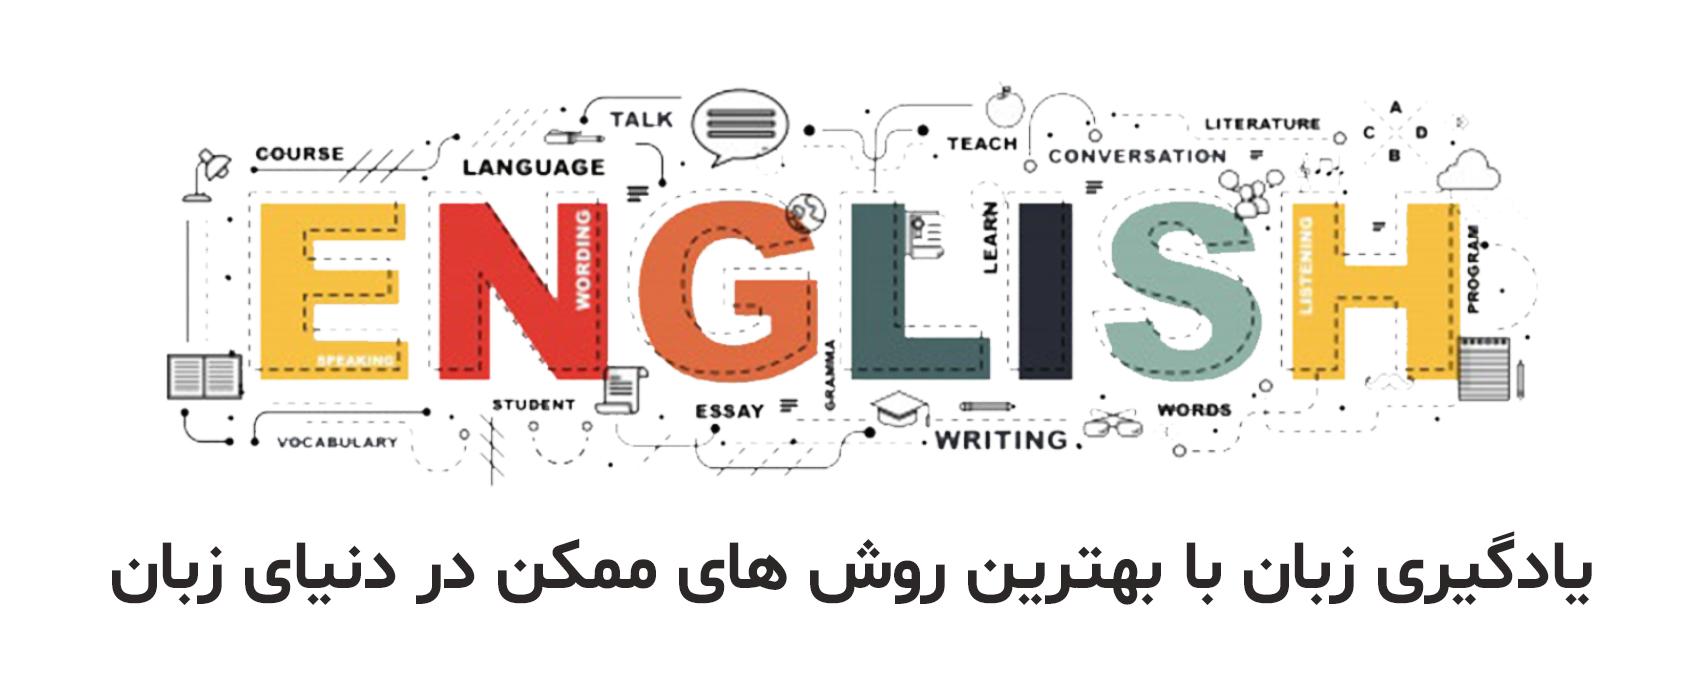 تدریس زبان انگلیسی به صورت تضمینی